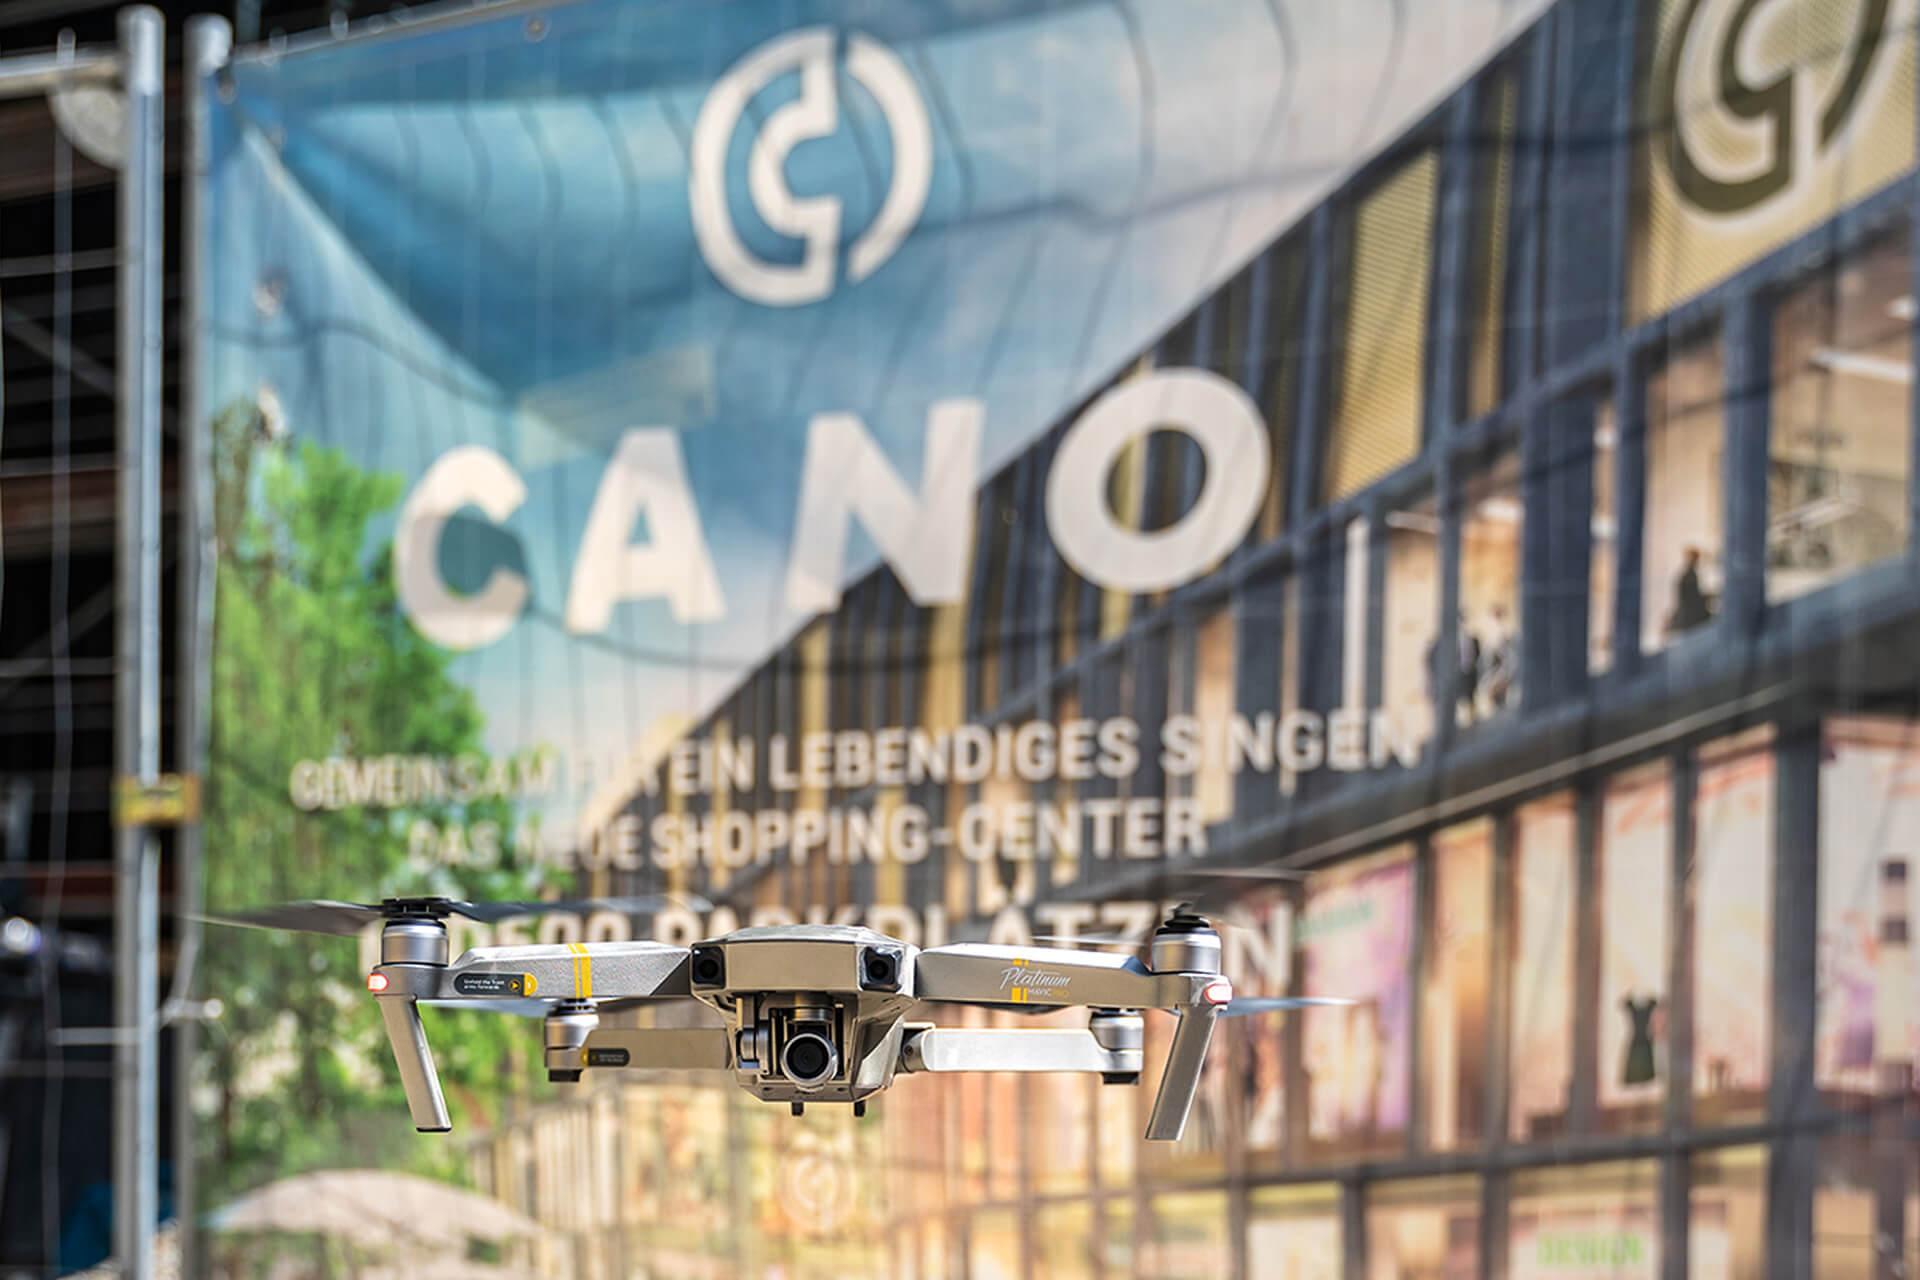 Fliegende Drohne vor Cano Singen